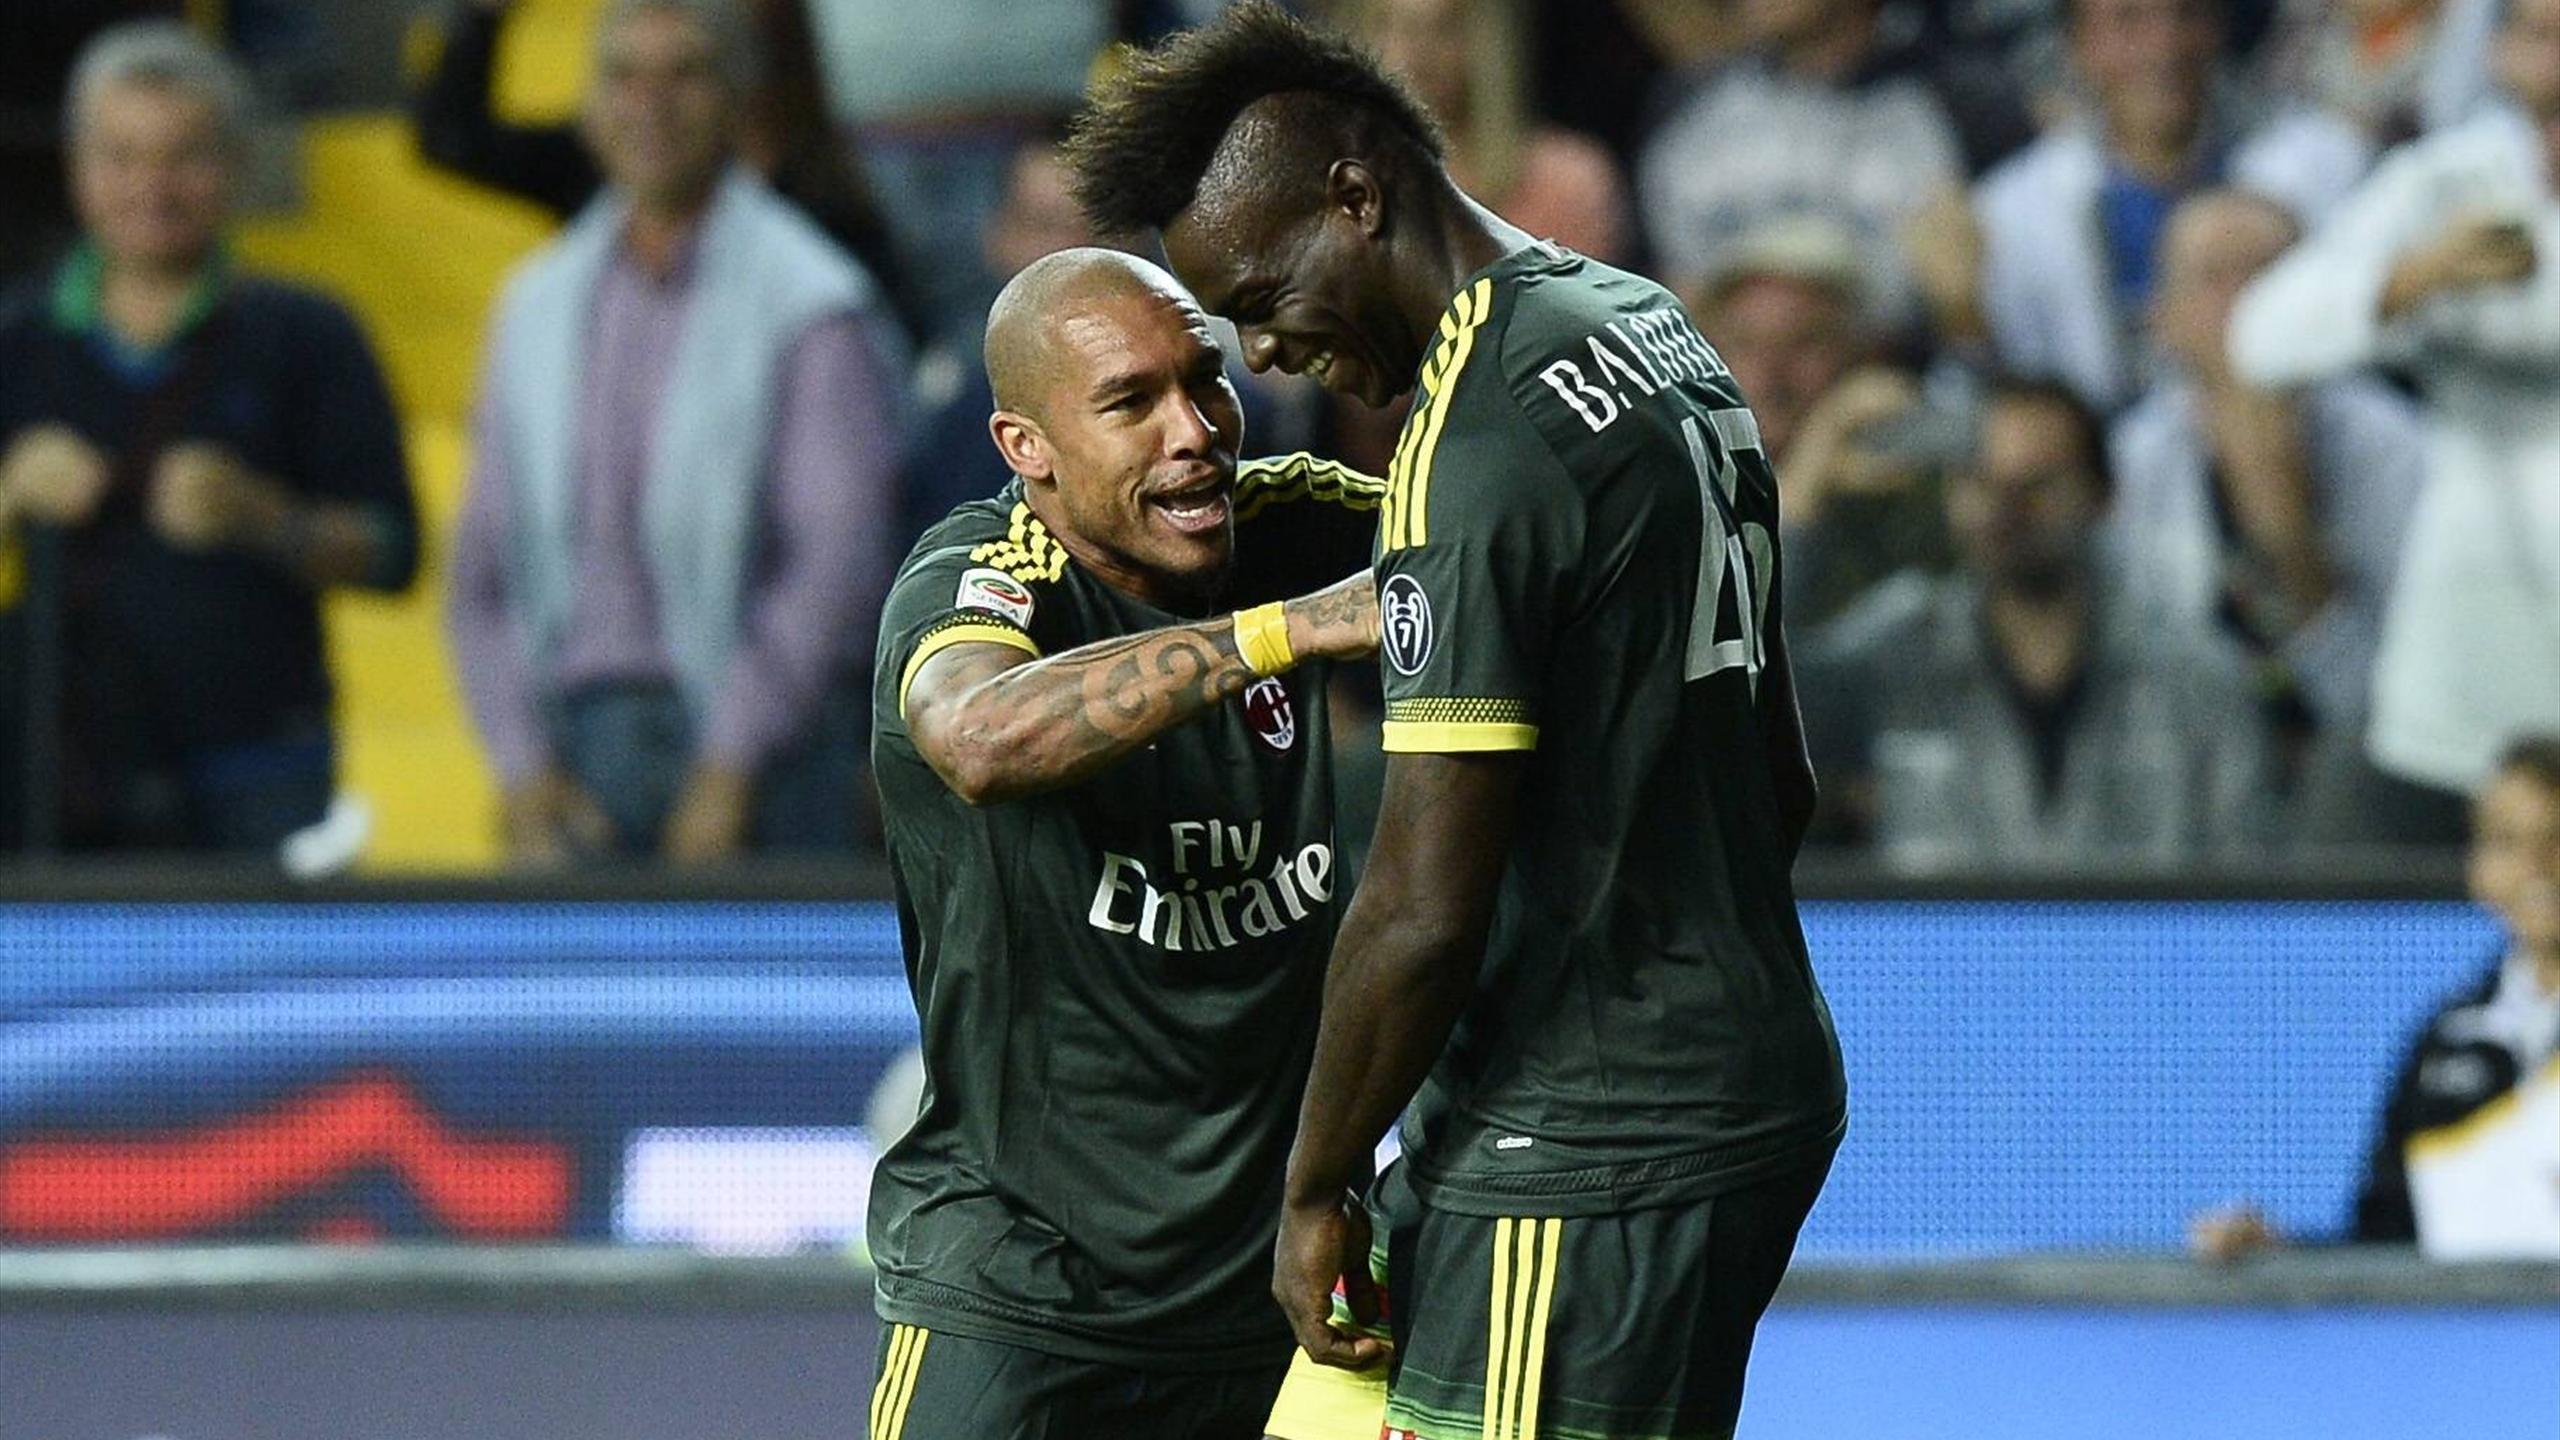 Mario Balotelli (à droite) a inscrit le premier but de l'AC Milan sur la pelouse de l'Udinese (2-3).